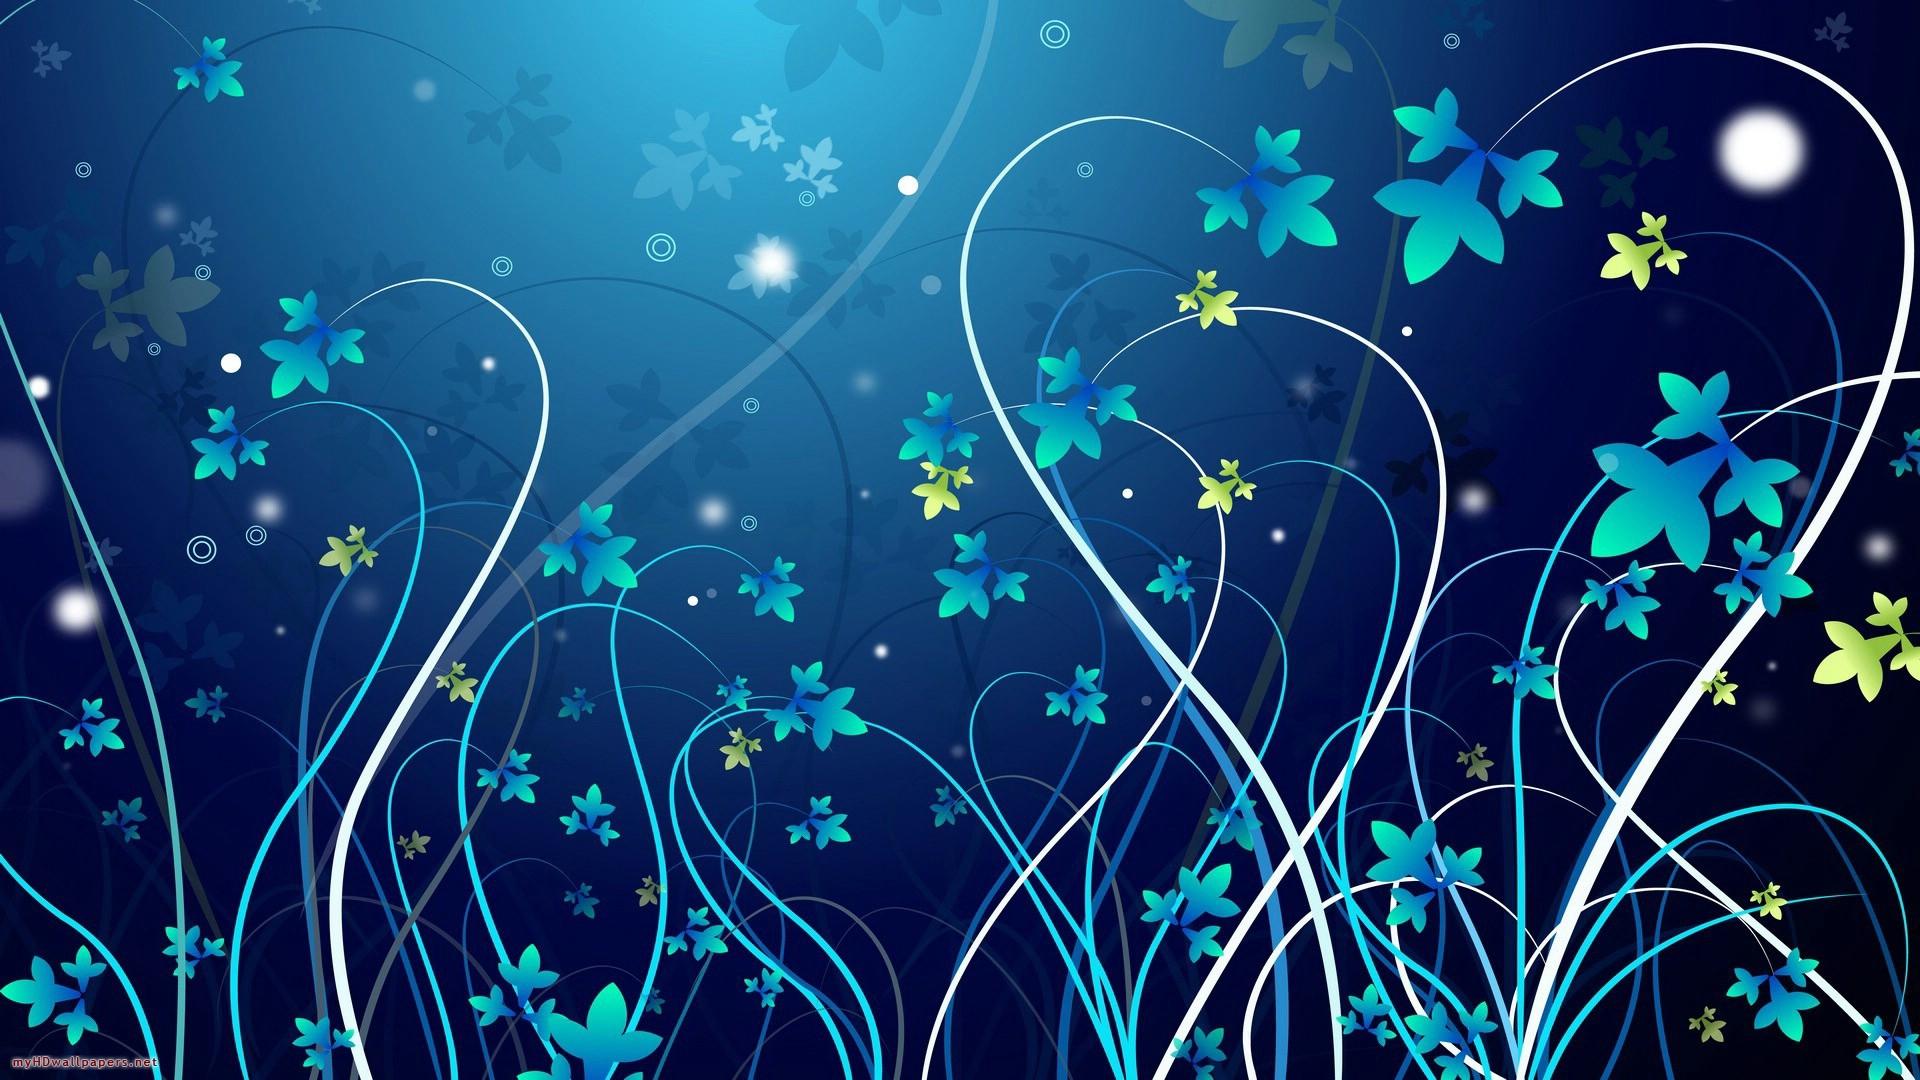 Blue flowers wallpaper Wallpaper Wide HD 1920x1080